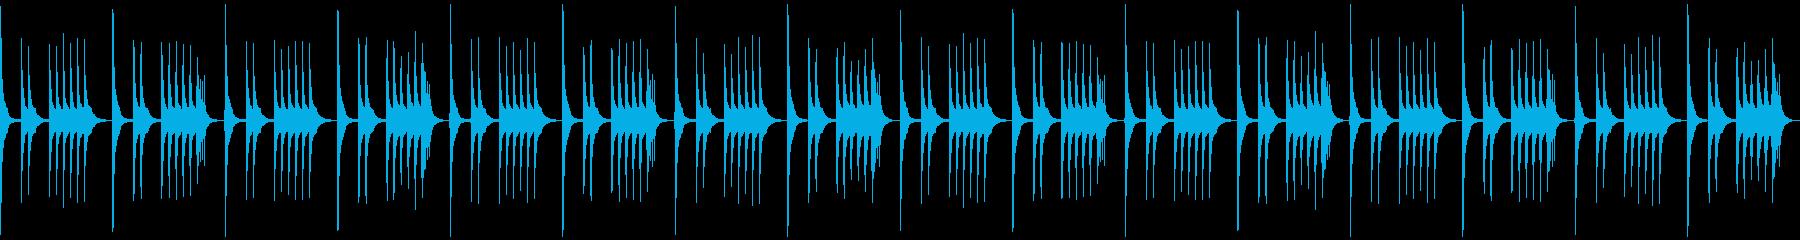 「いたずら、秘密、悪巧み」なBGMの再生済みの波形